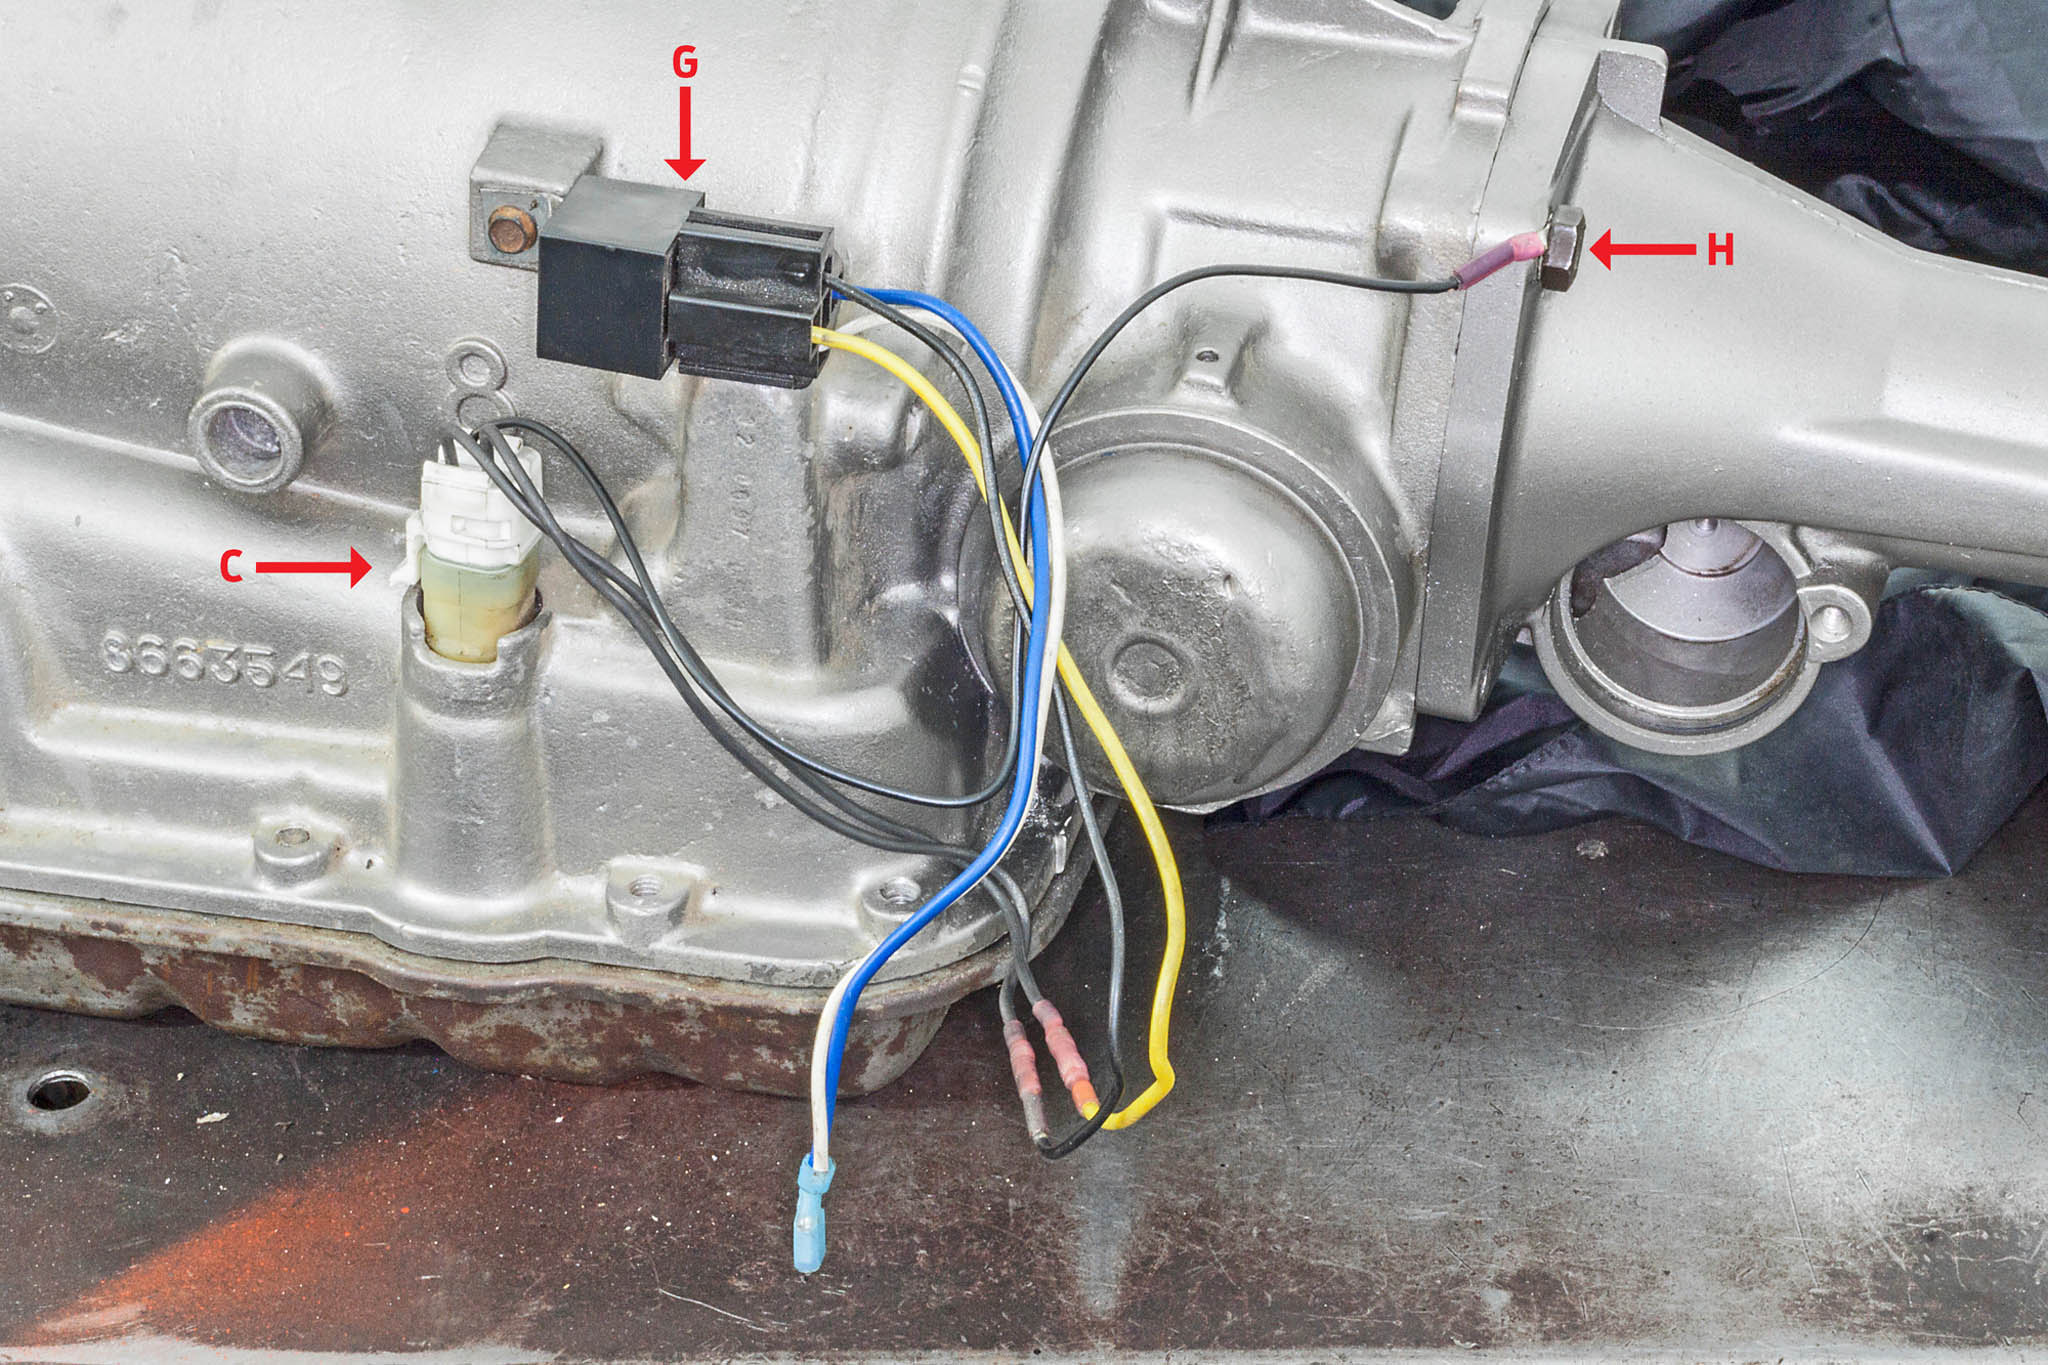 4l60e wiring harness diagram